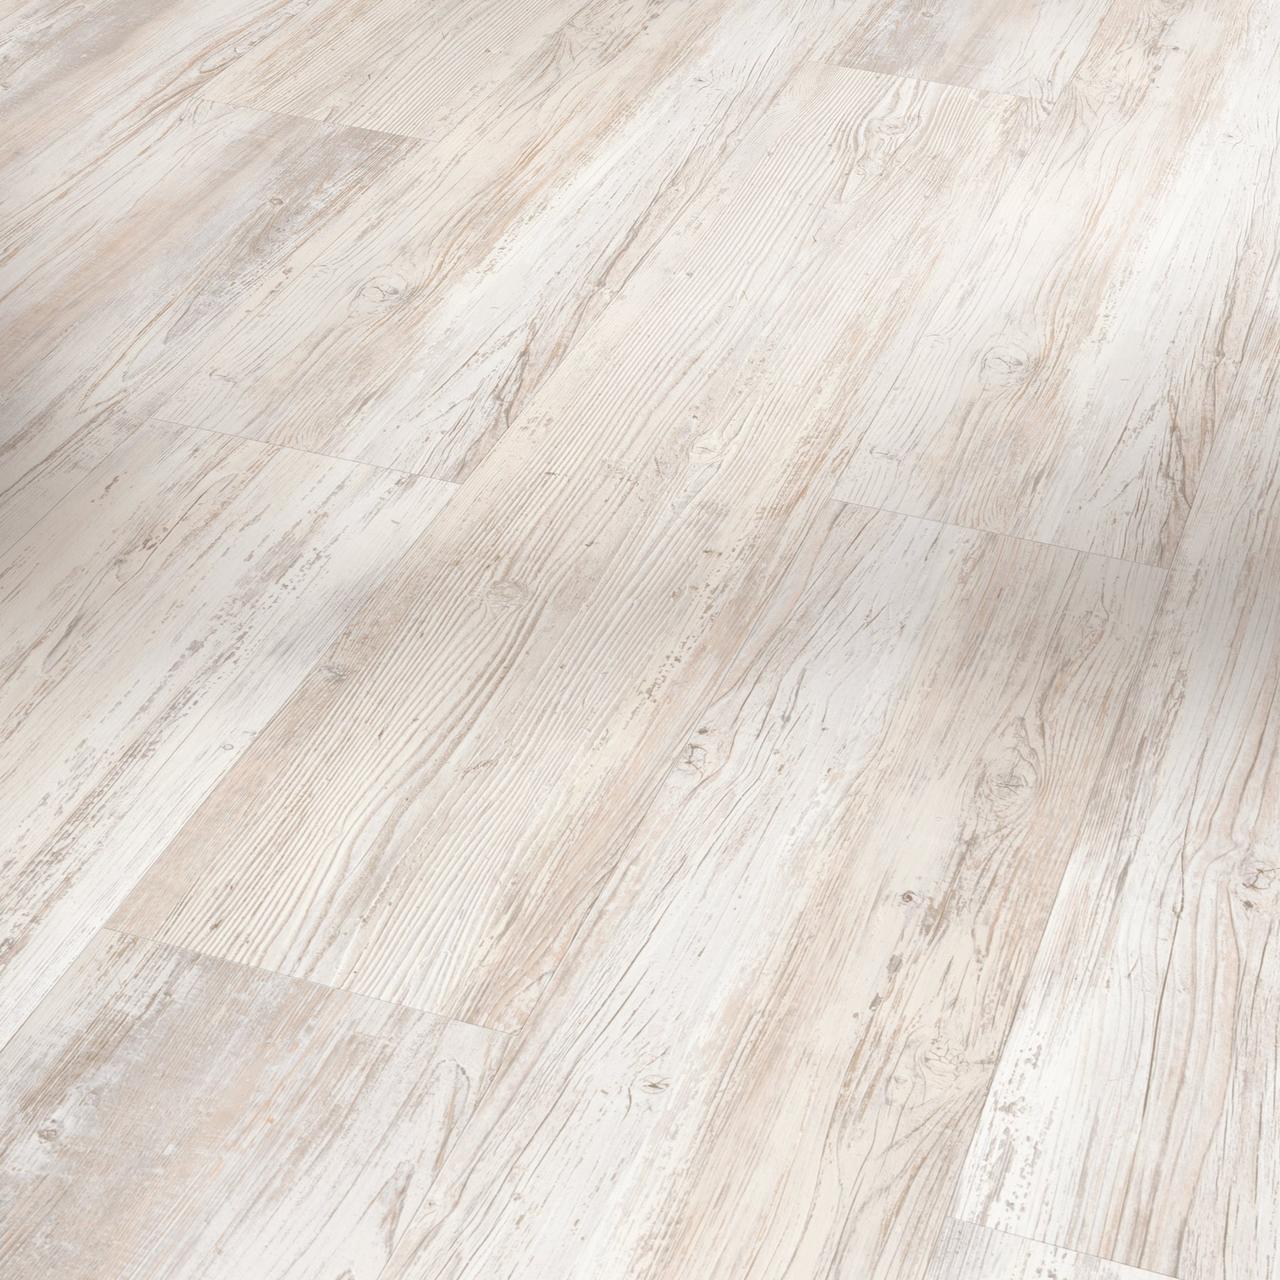 Сосна скандинавская белая браш (Pine scandinavian white brushed texture)